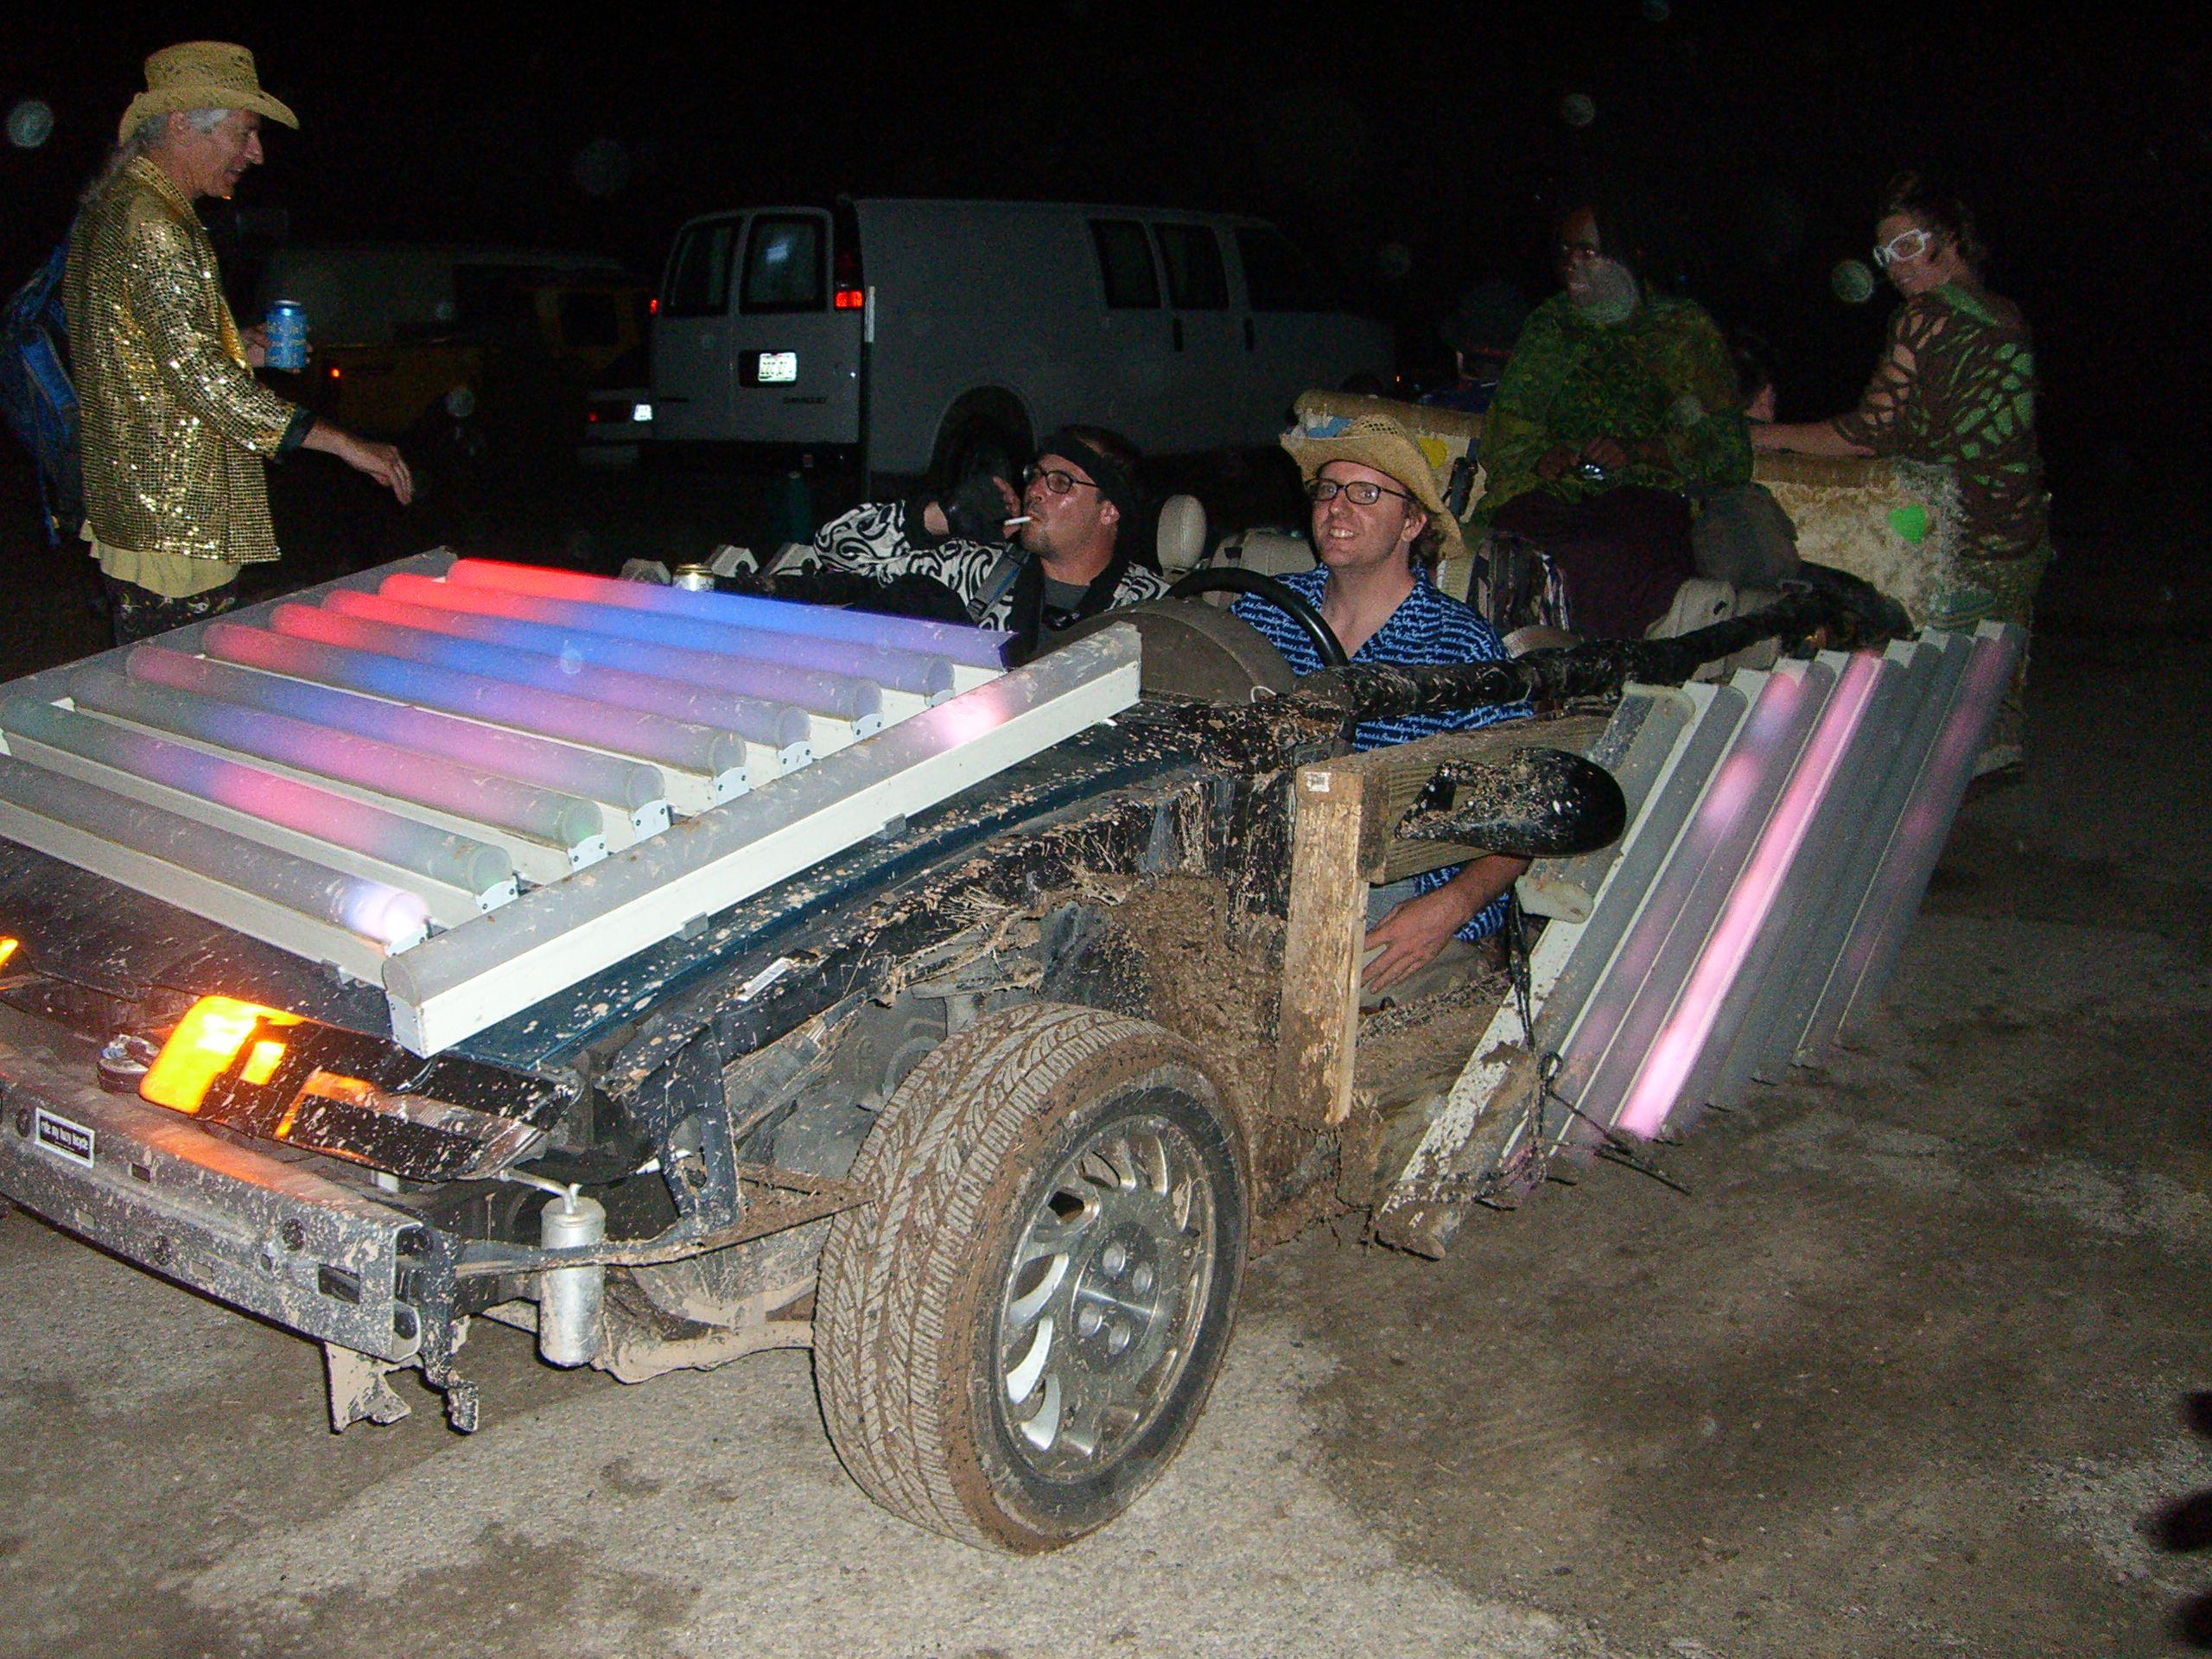 A mutant vehicle at Burning Flipside 2007